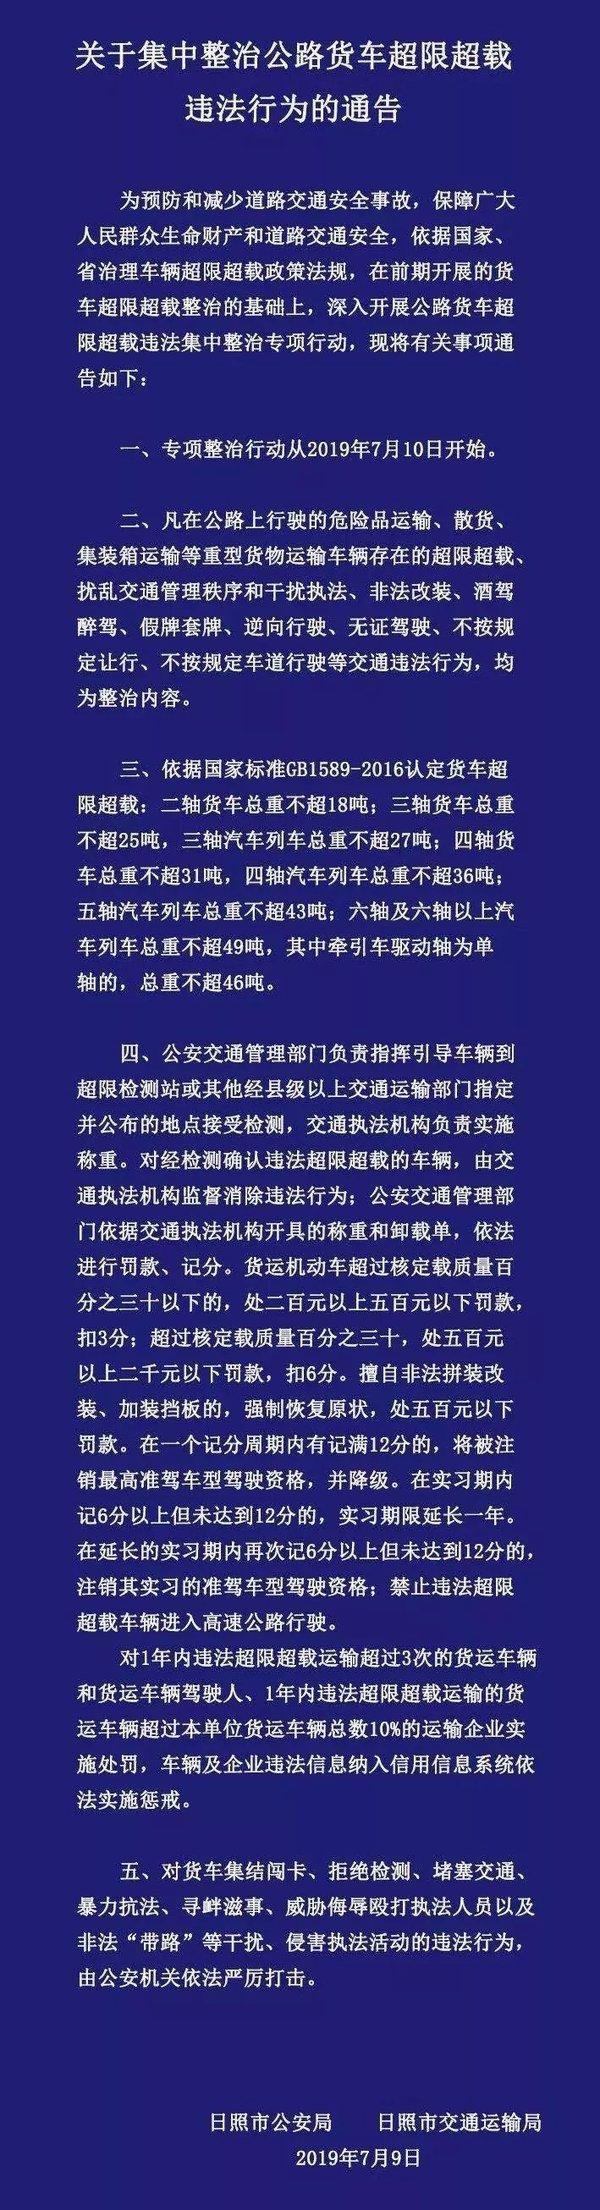 岚山严查超载货车16辆货运车辆被扣!